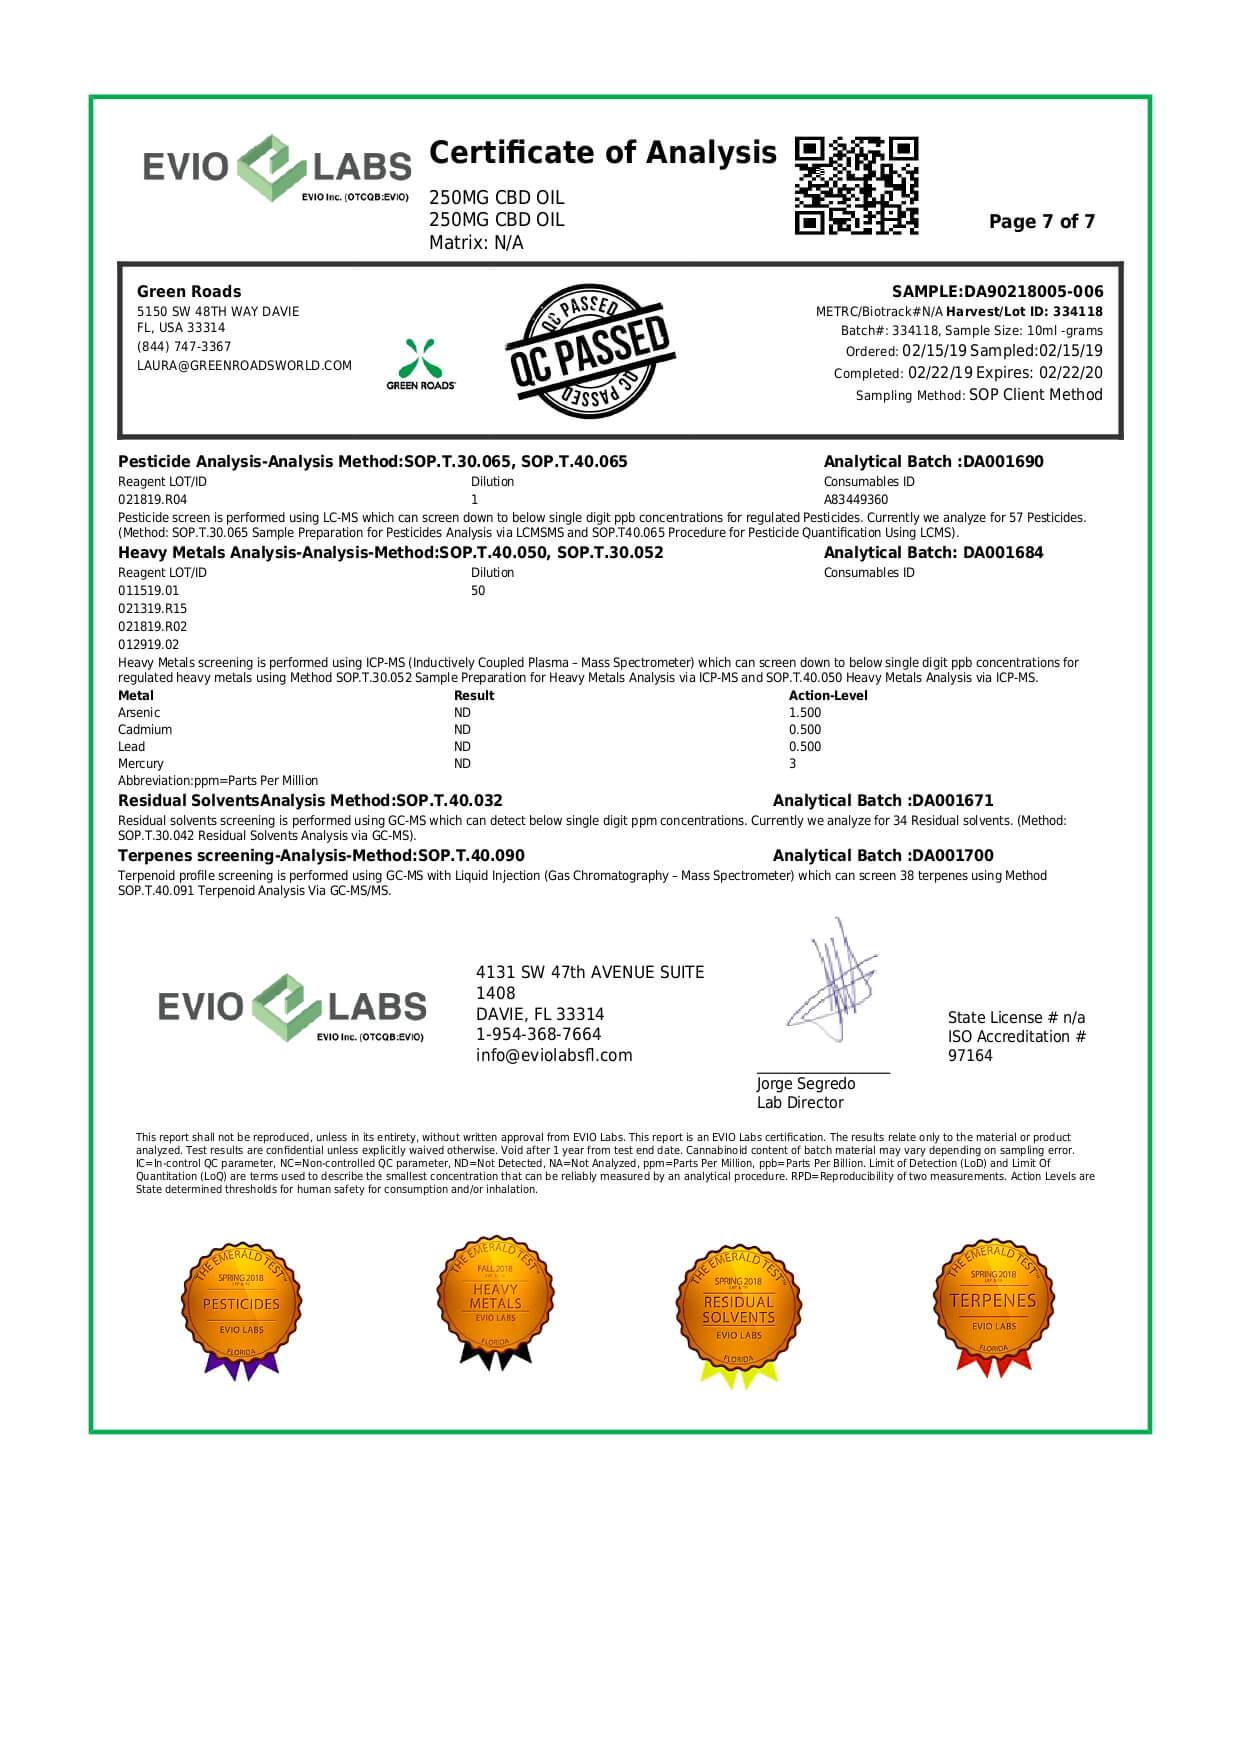 Green Roads CBD Oil 250mg Lab Report